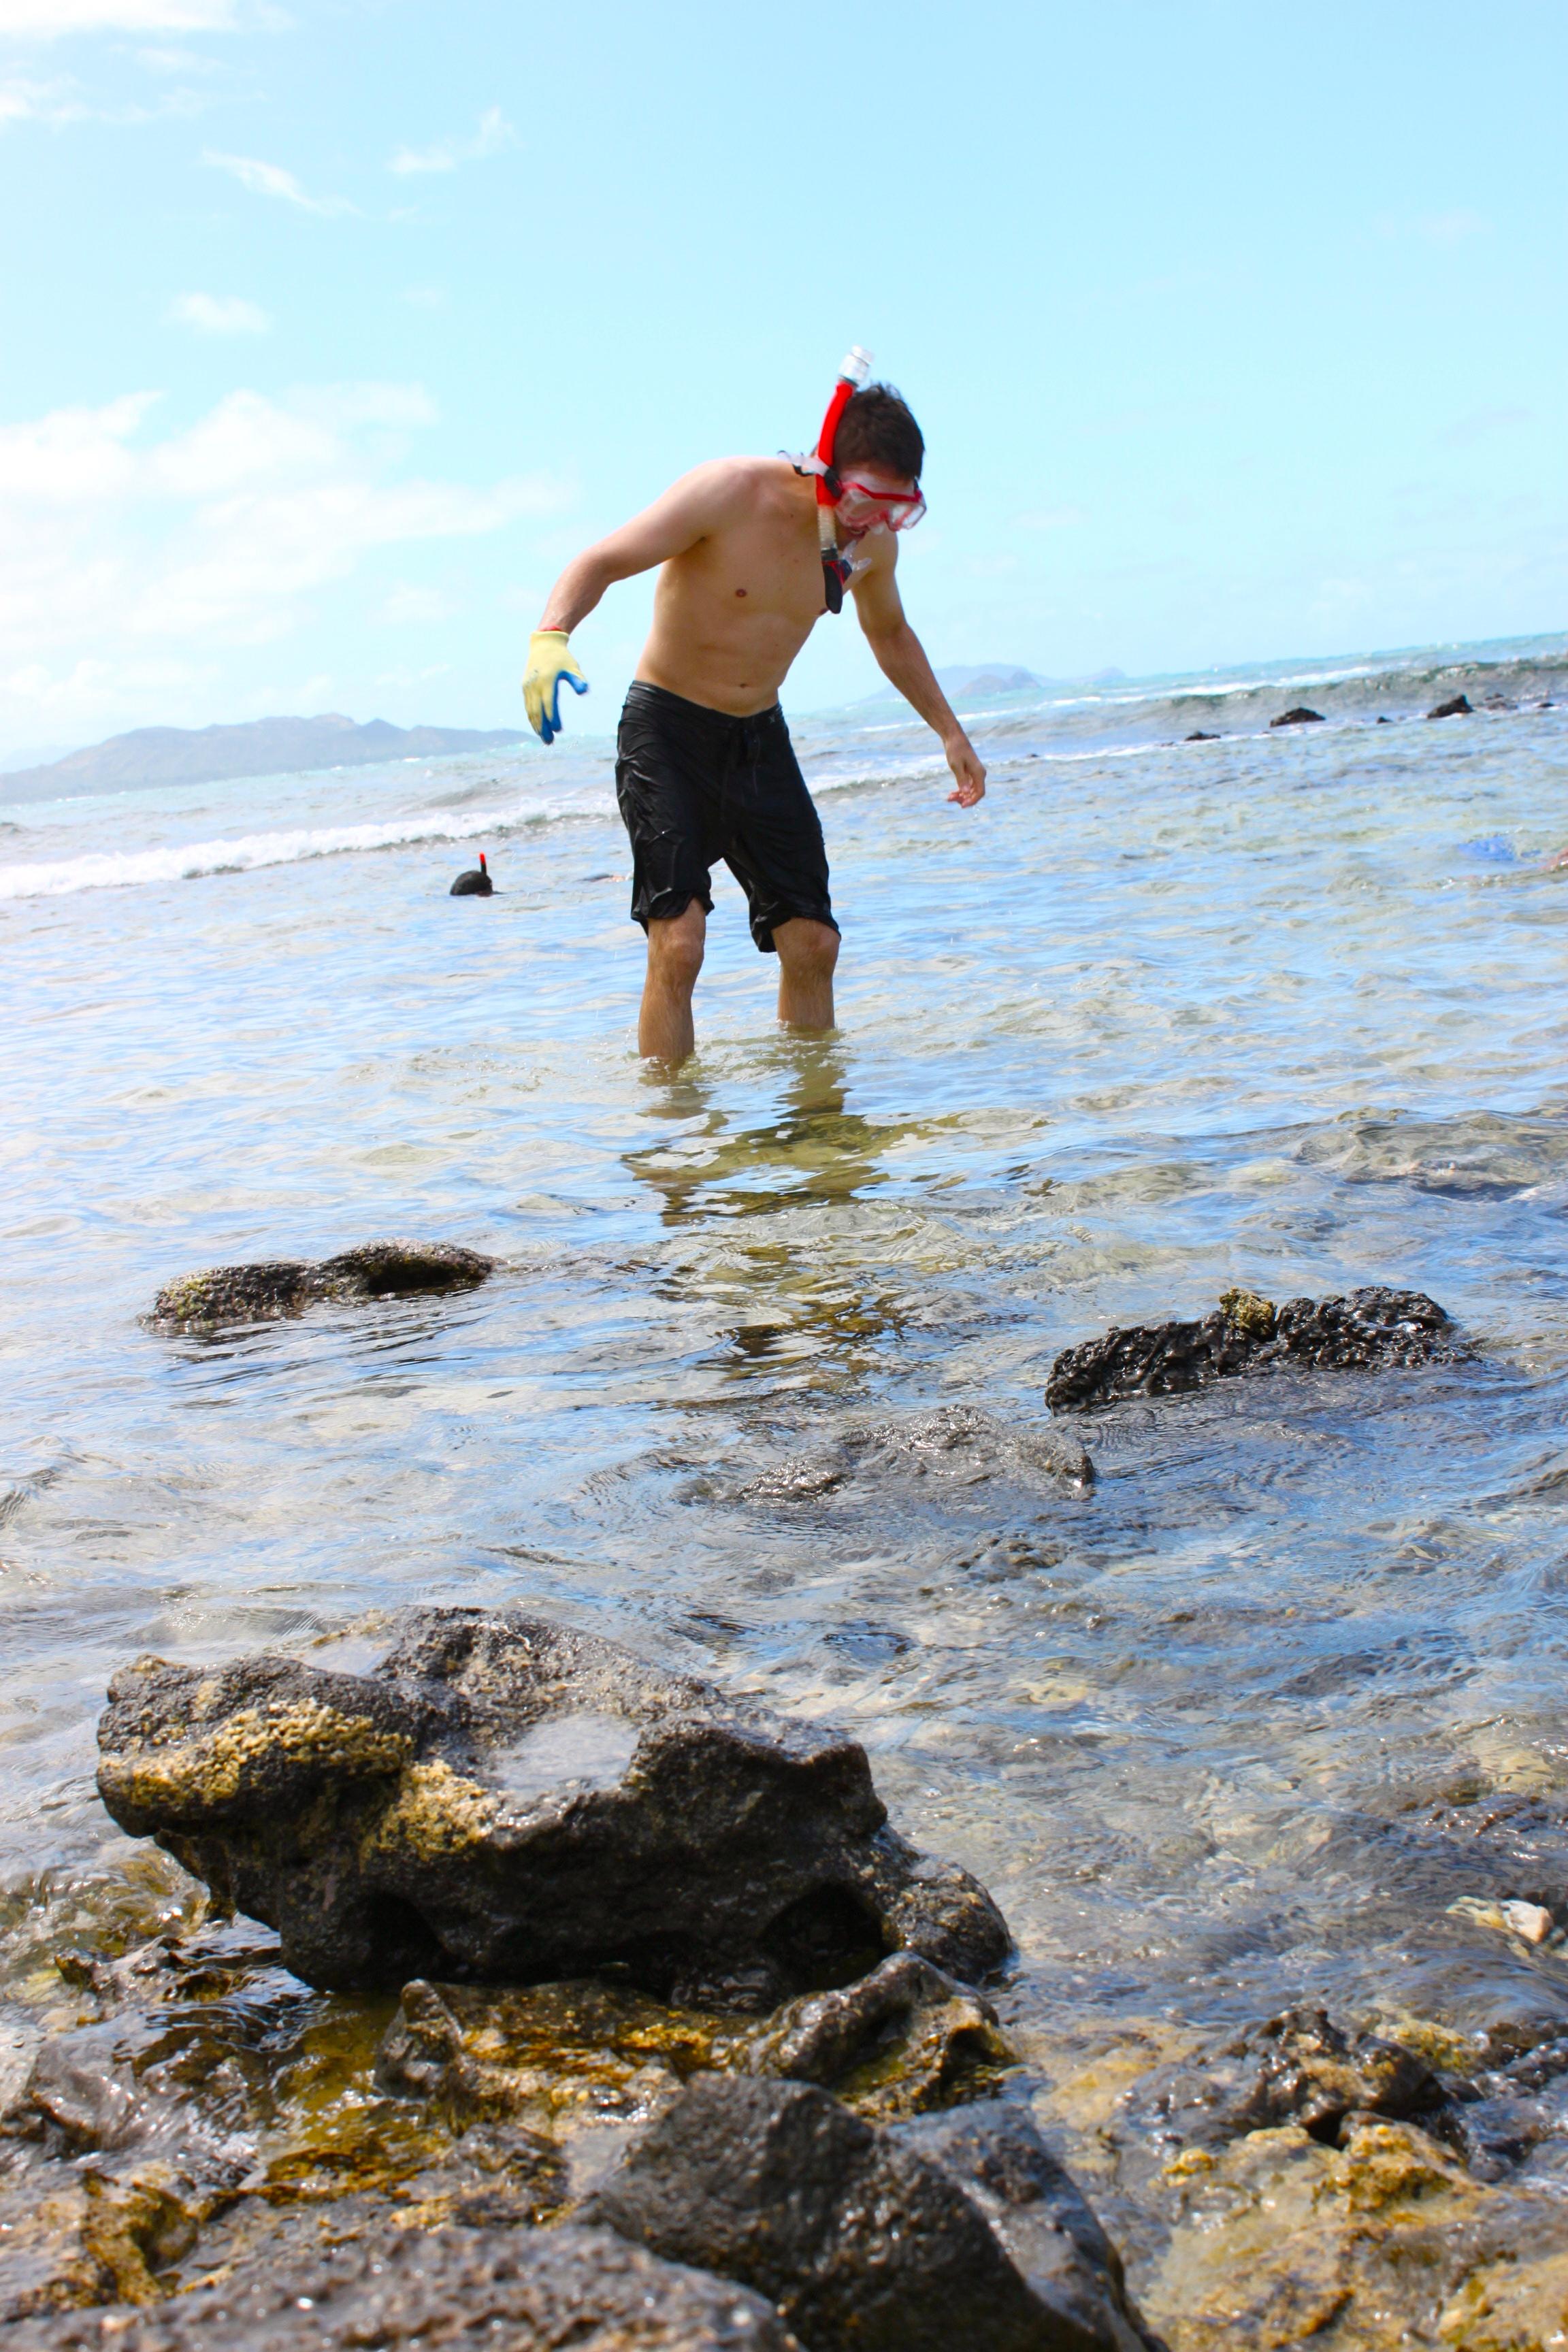 snorkeling hottie